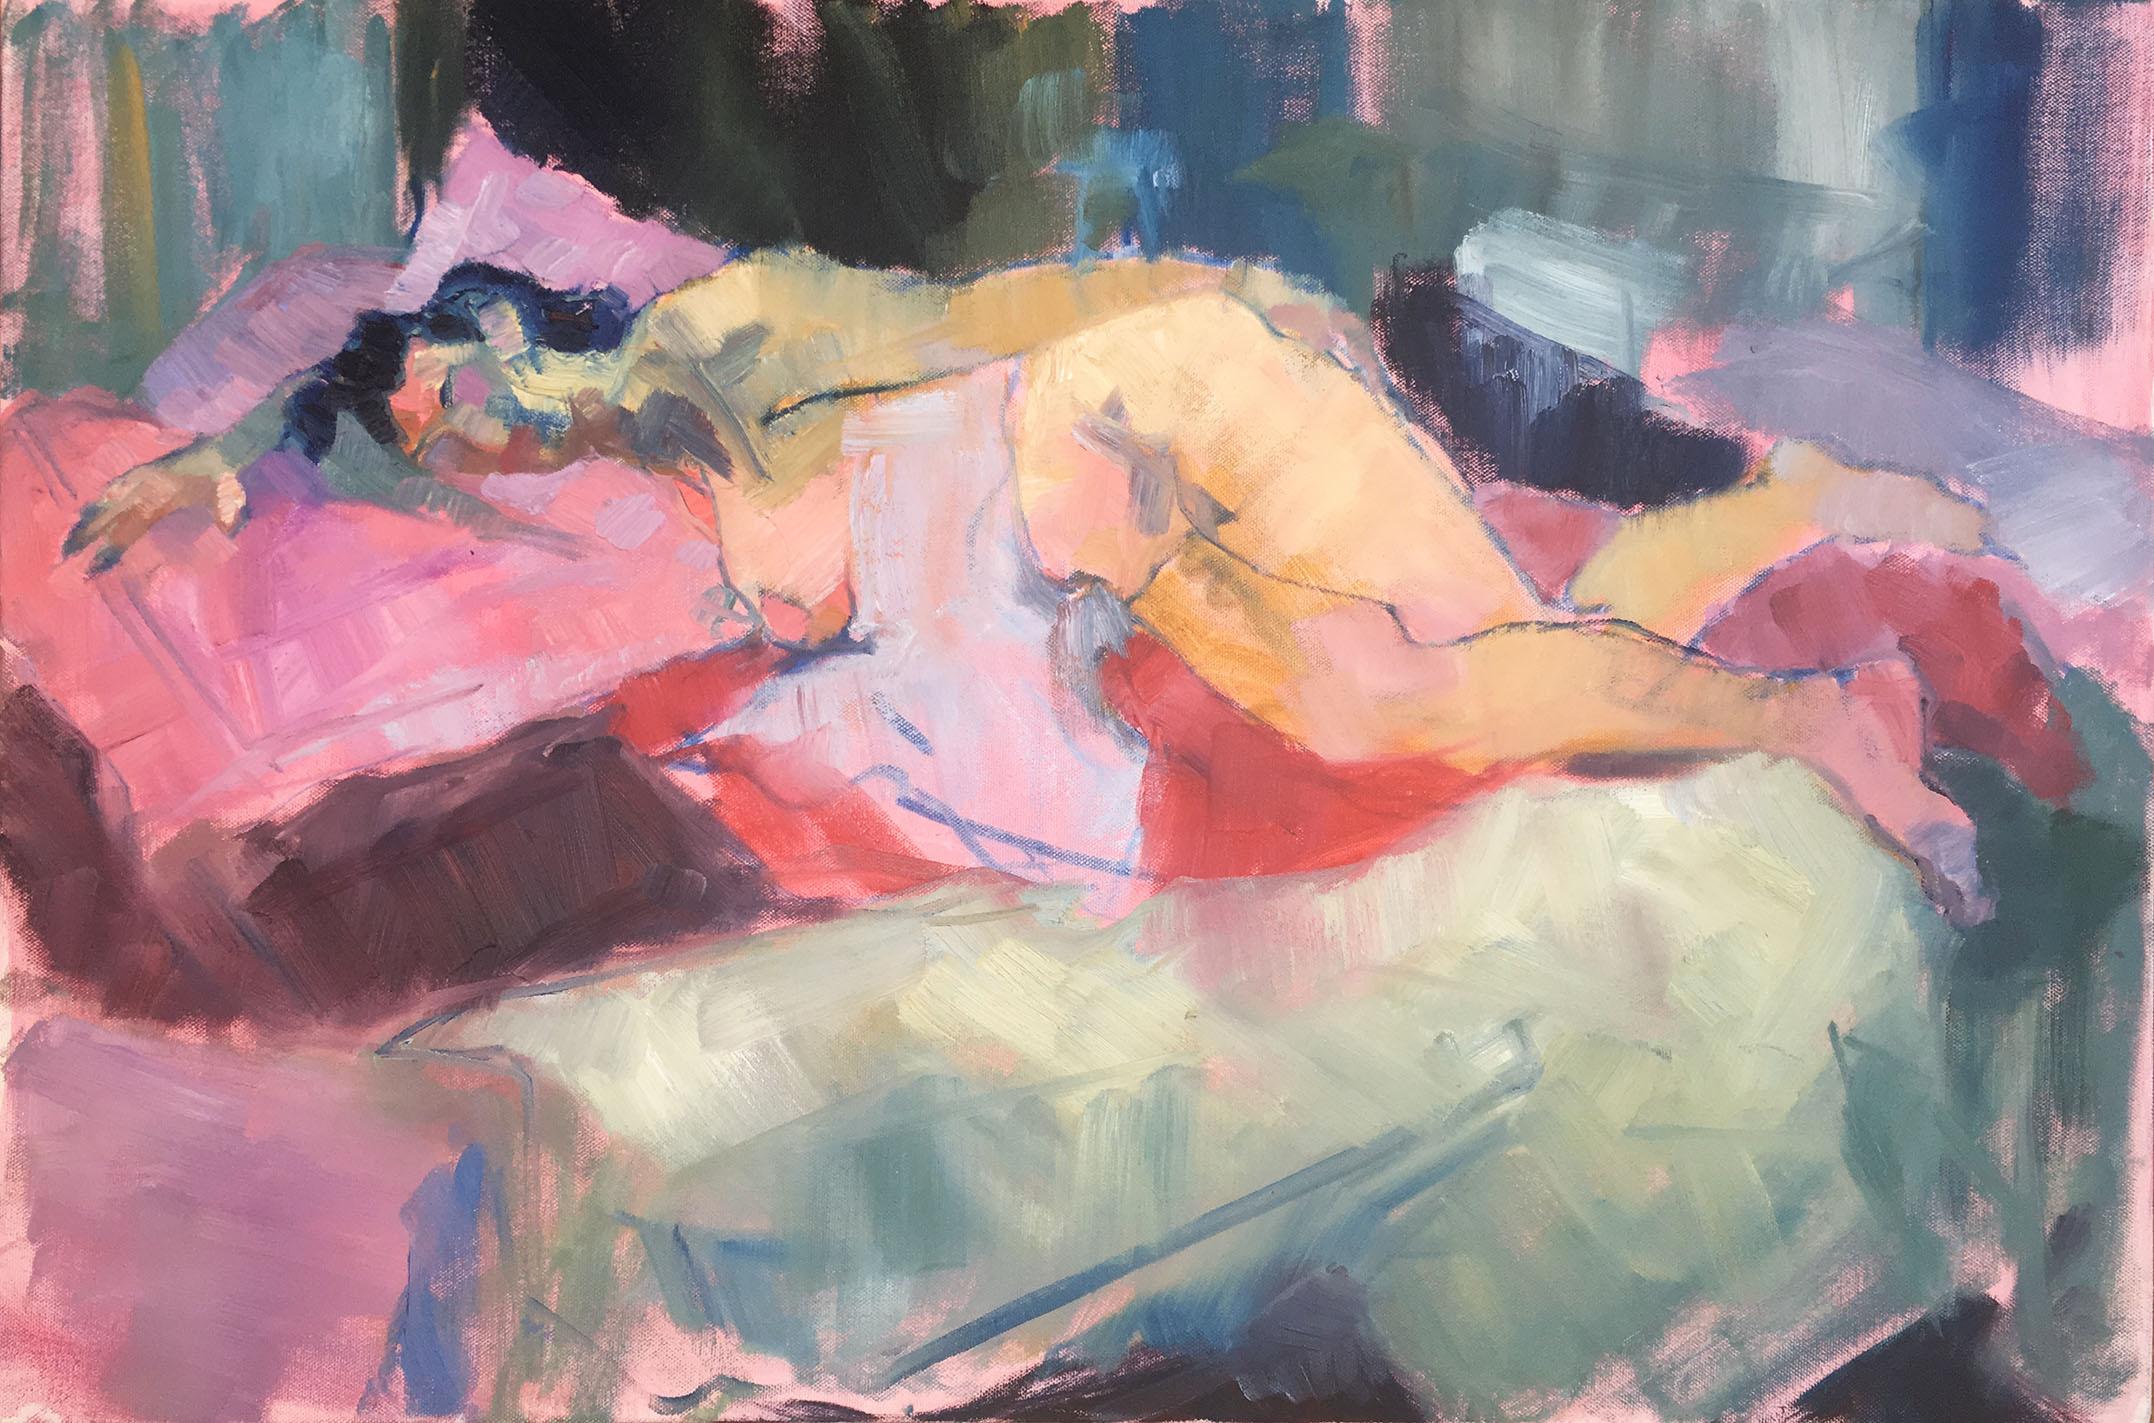 Woman among Blankets